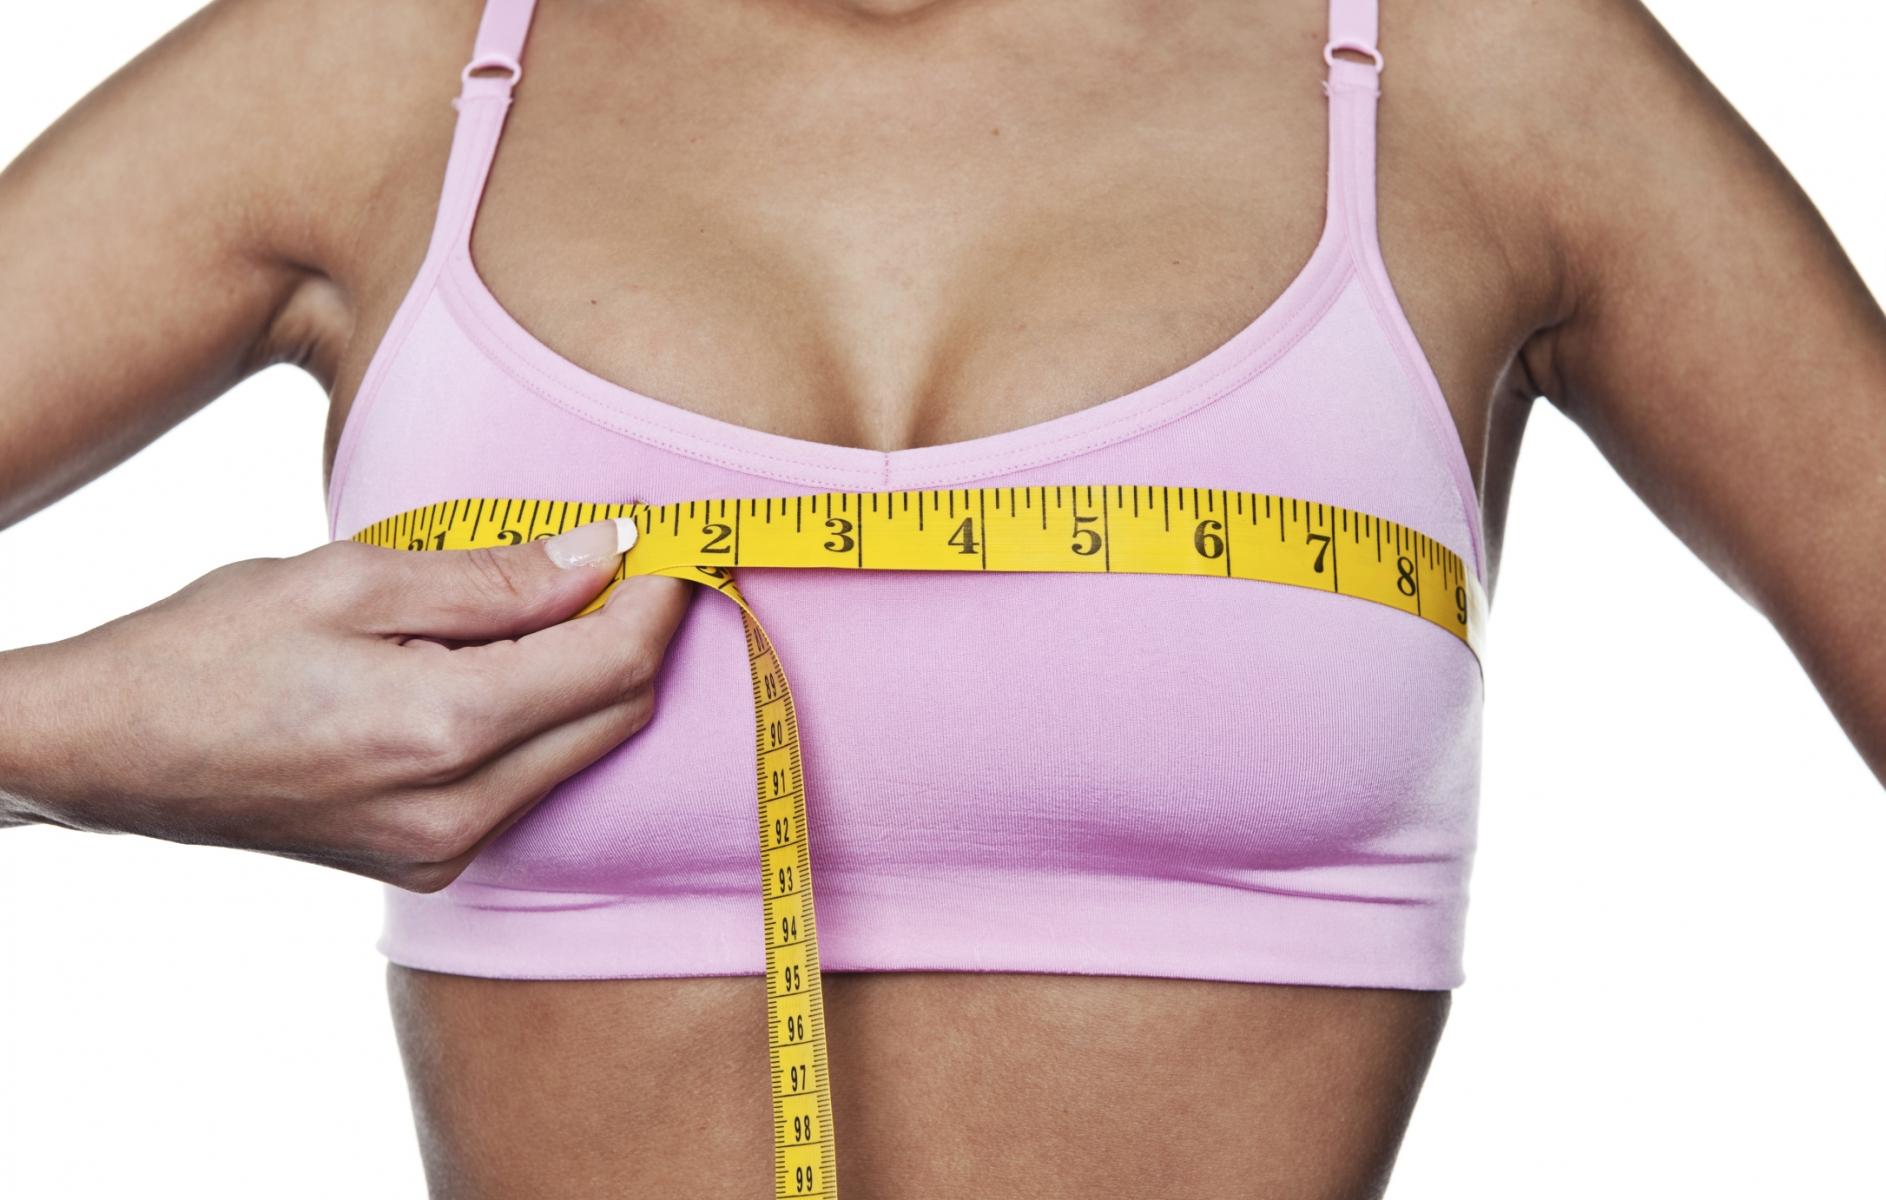 Как сделать грудь упругой? Самый эффективный способ